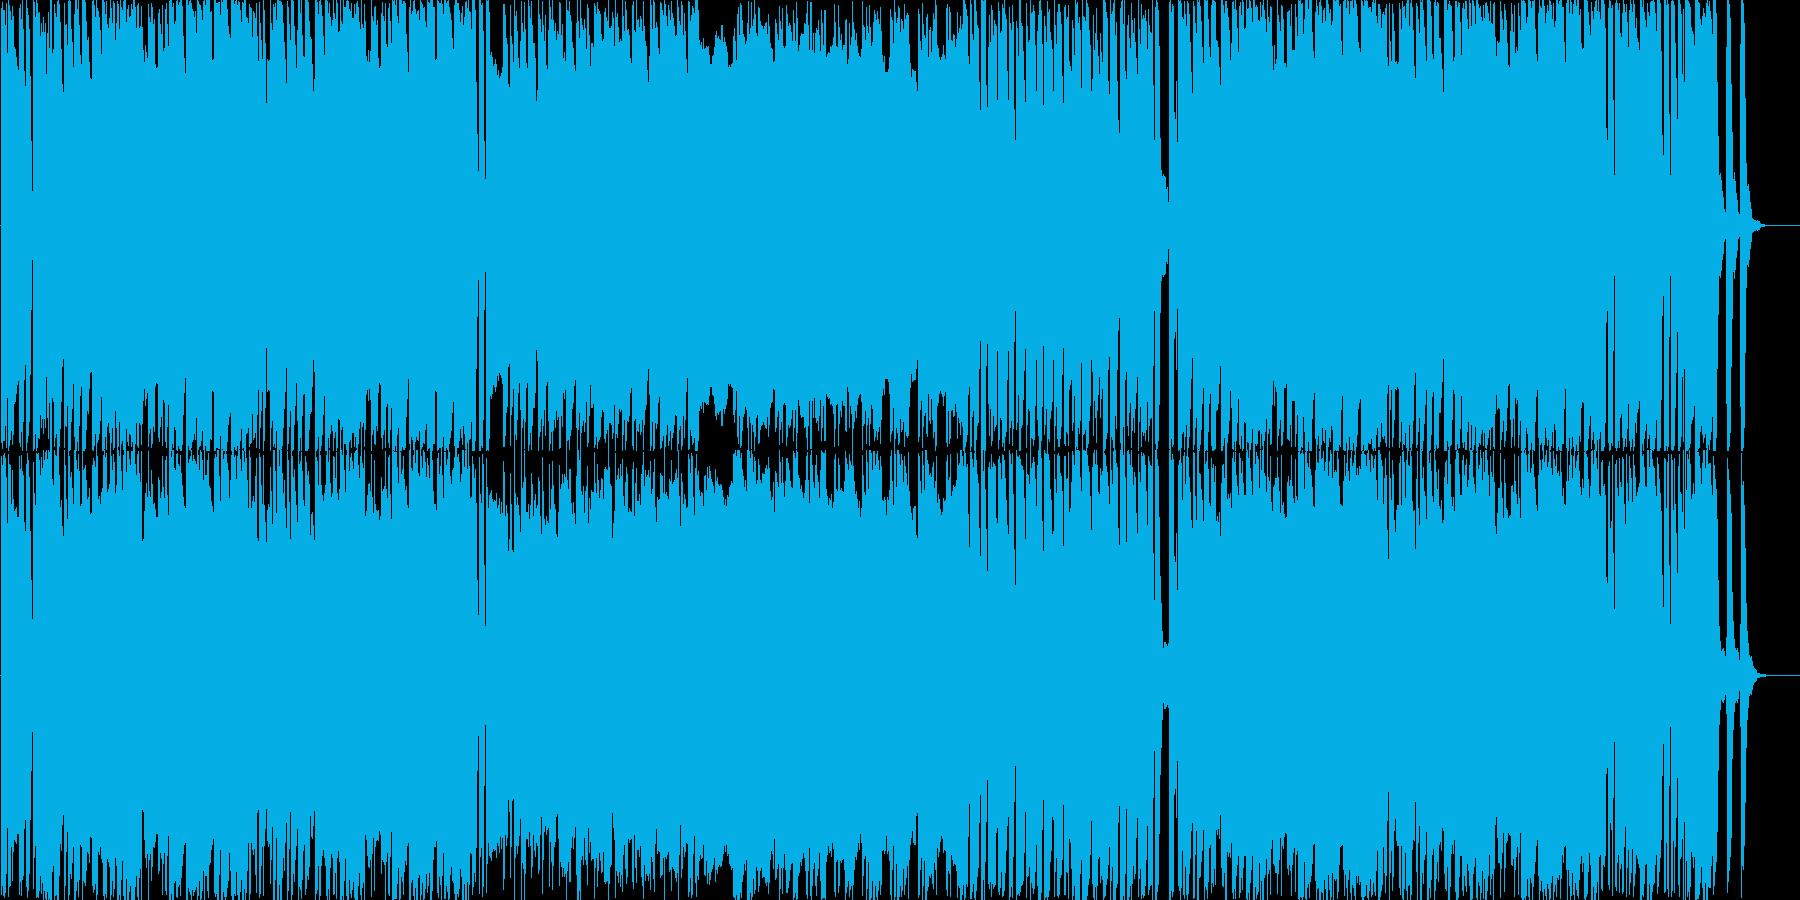 ピチカートメインのかわいく軽快なBGMの再生済みの波形